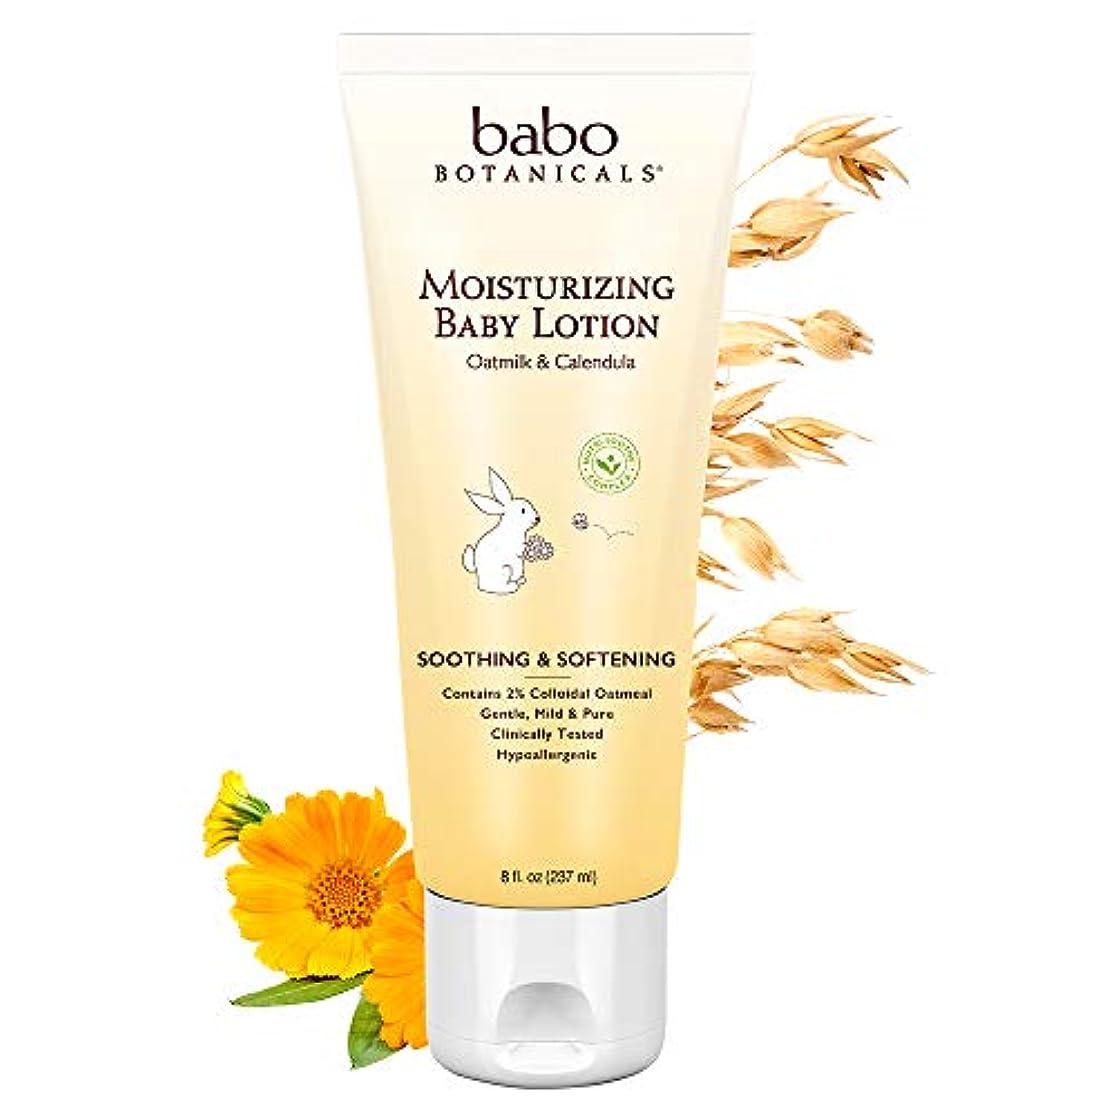 証拠競争力のある清めるBabo Botanicals Oatmilkカレンデュラ保湿ベビーローション、 - スージング敏感肌のためのベストのベビーローション。アトピー性皮膚炎を和らげるのに役立ちます。ナチュラルオーツとオーガニックカレンデュラ...